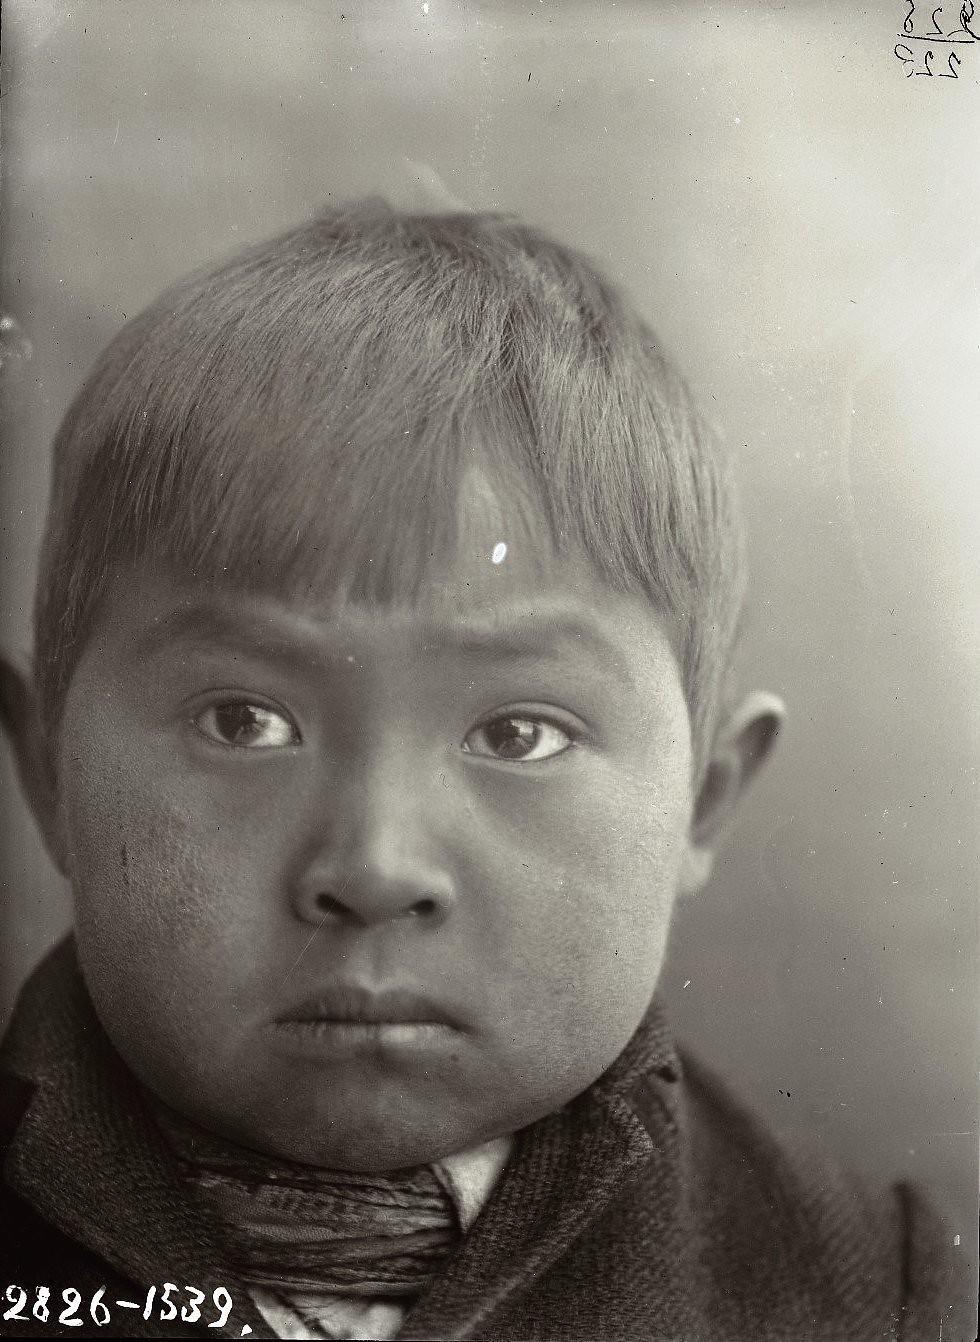 1909. Март - апрель. Алексей Черкашин (фас). Алеутские острова, Умнак остров